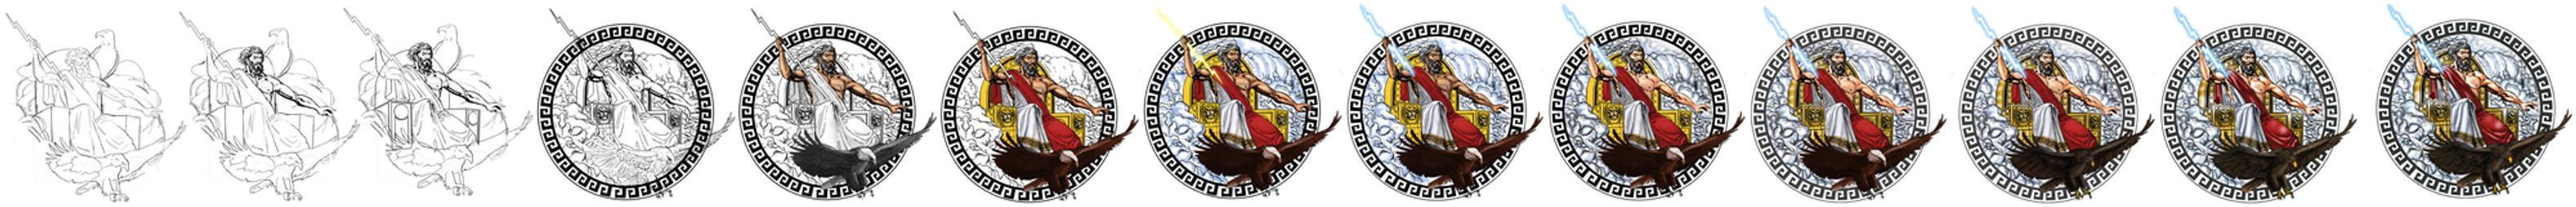 Mighty Zeus tattoo progress by akoyma